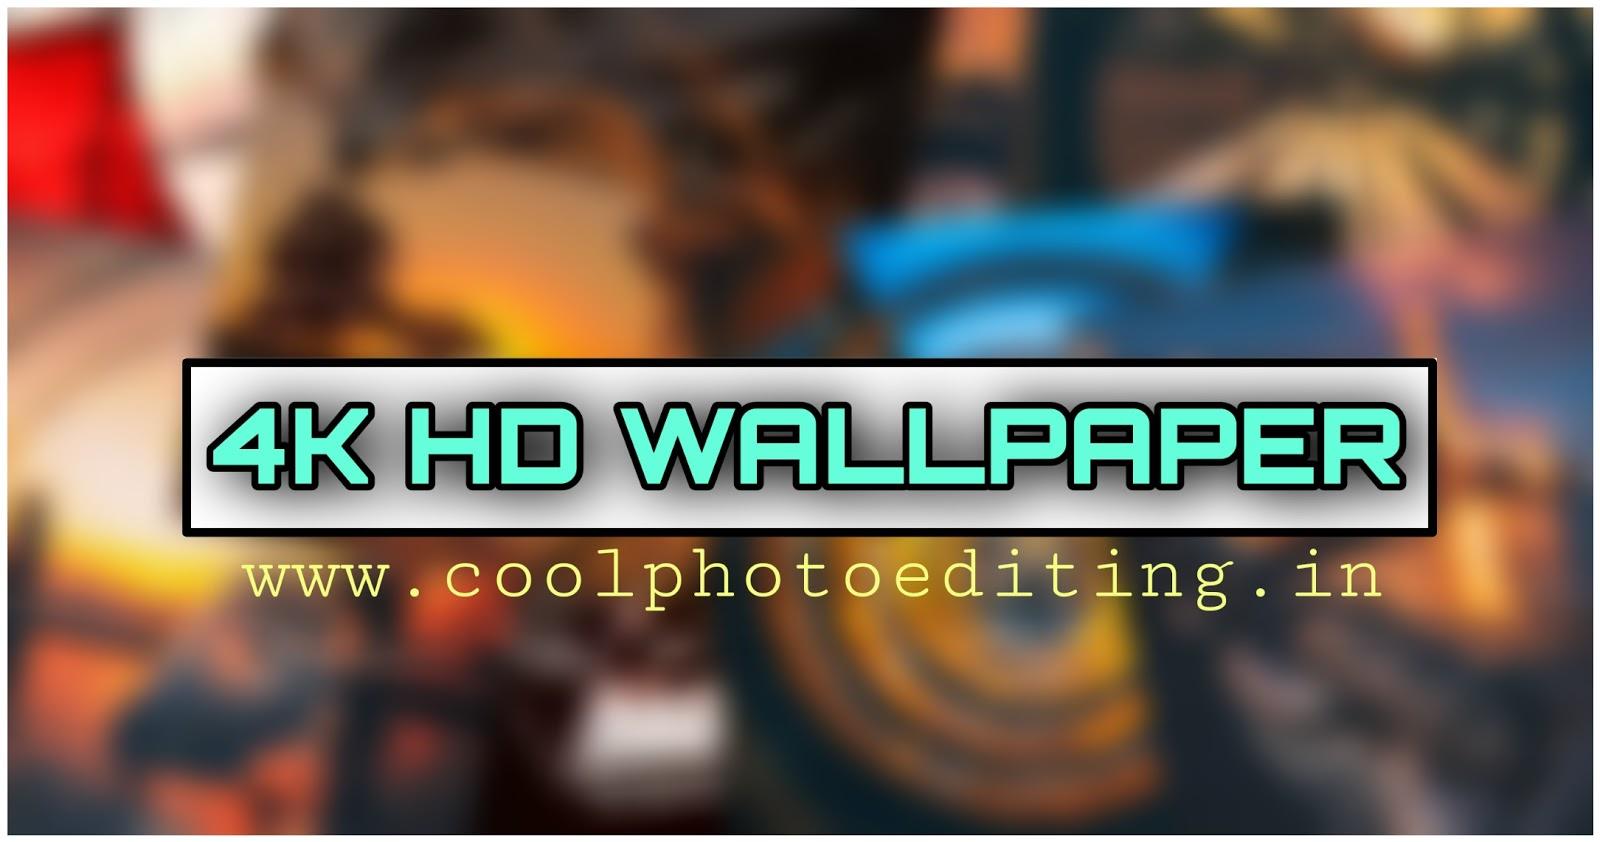 HD Wallpaper Free Downlaod